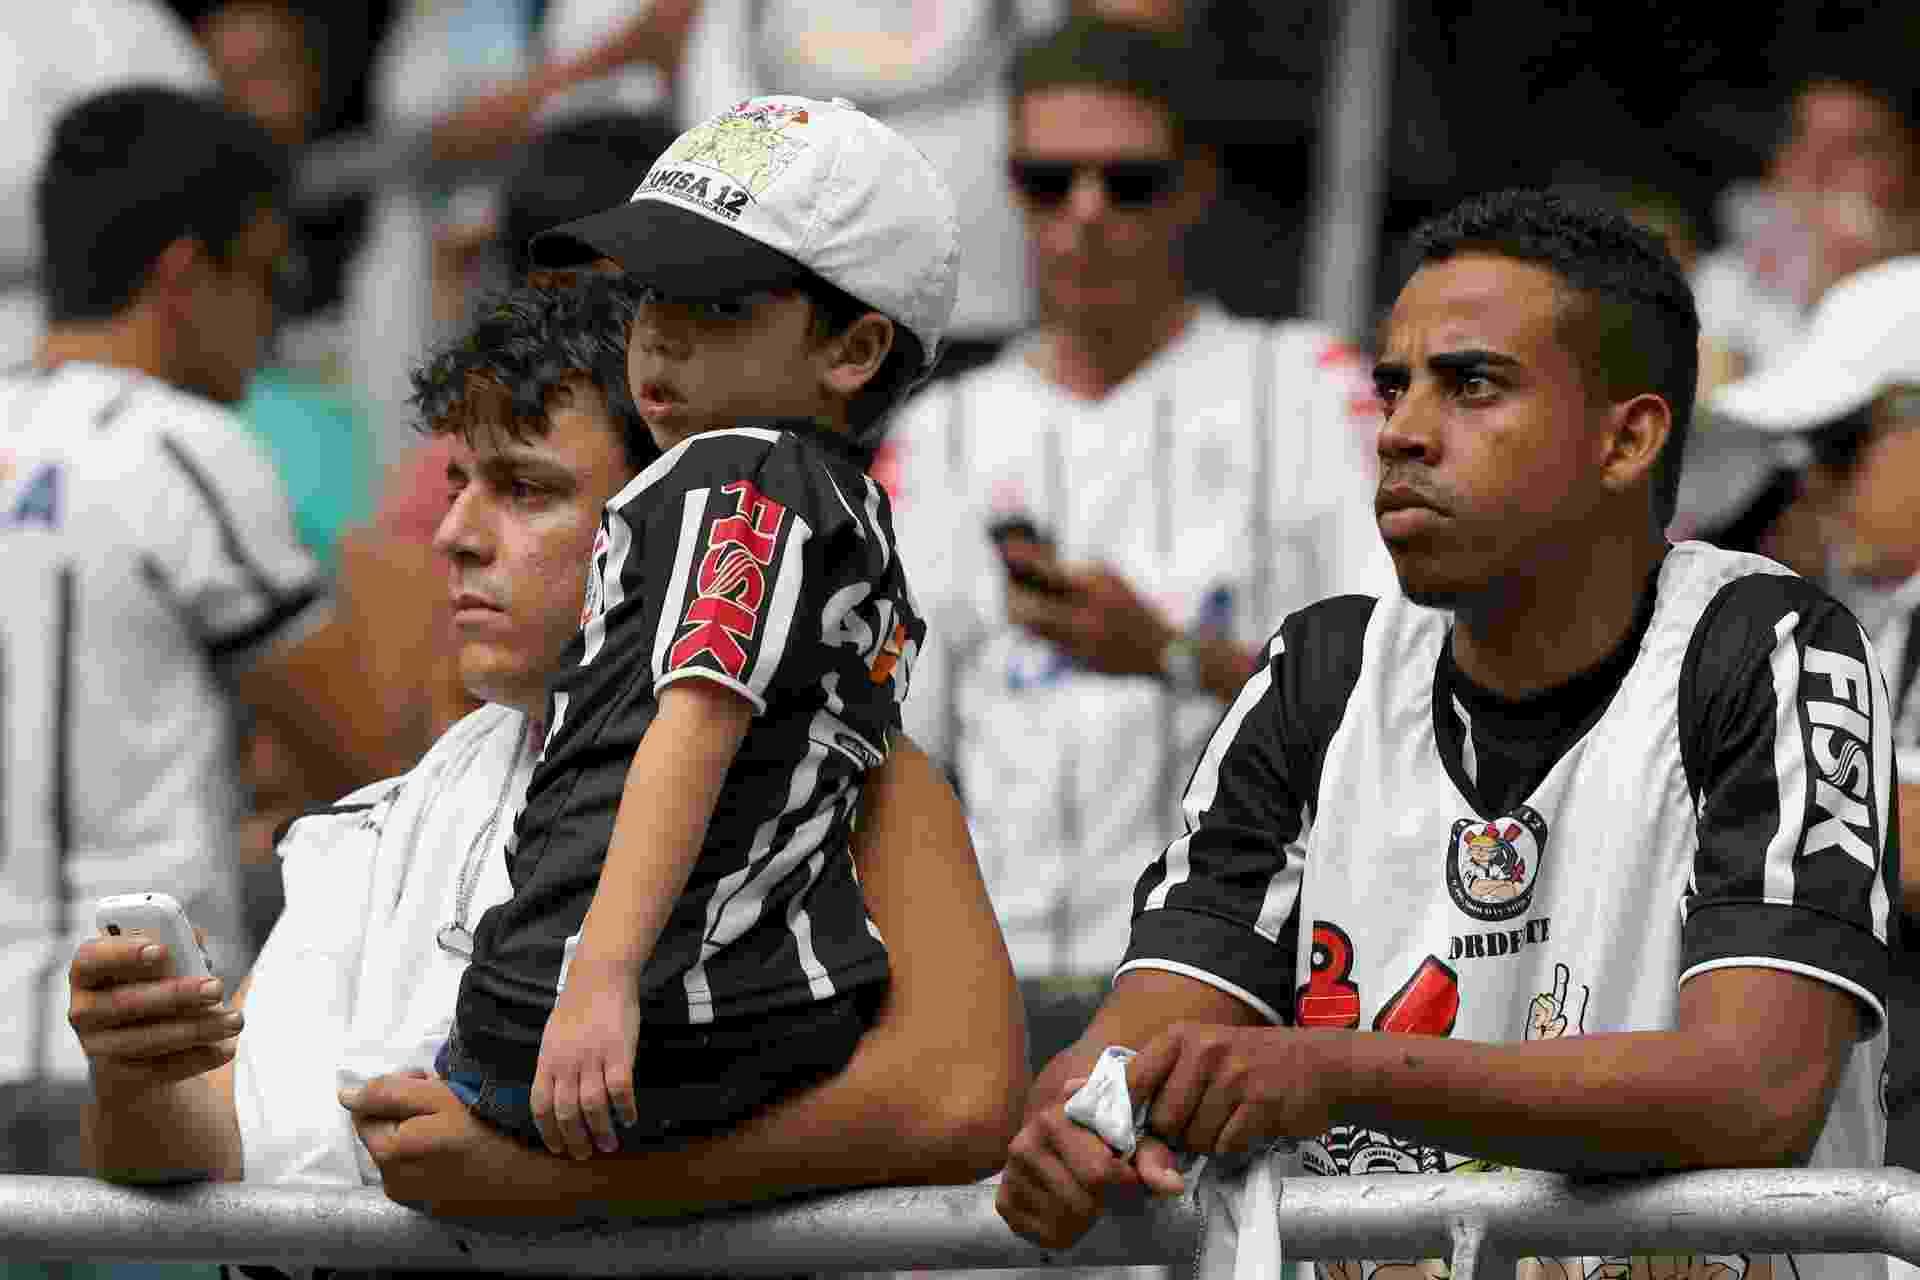 Corintianos aguardam início de jogo com o Bahia pela 34ª rodada do Brasileirão - Felipe Oliveira/Getty Images